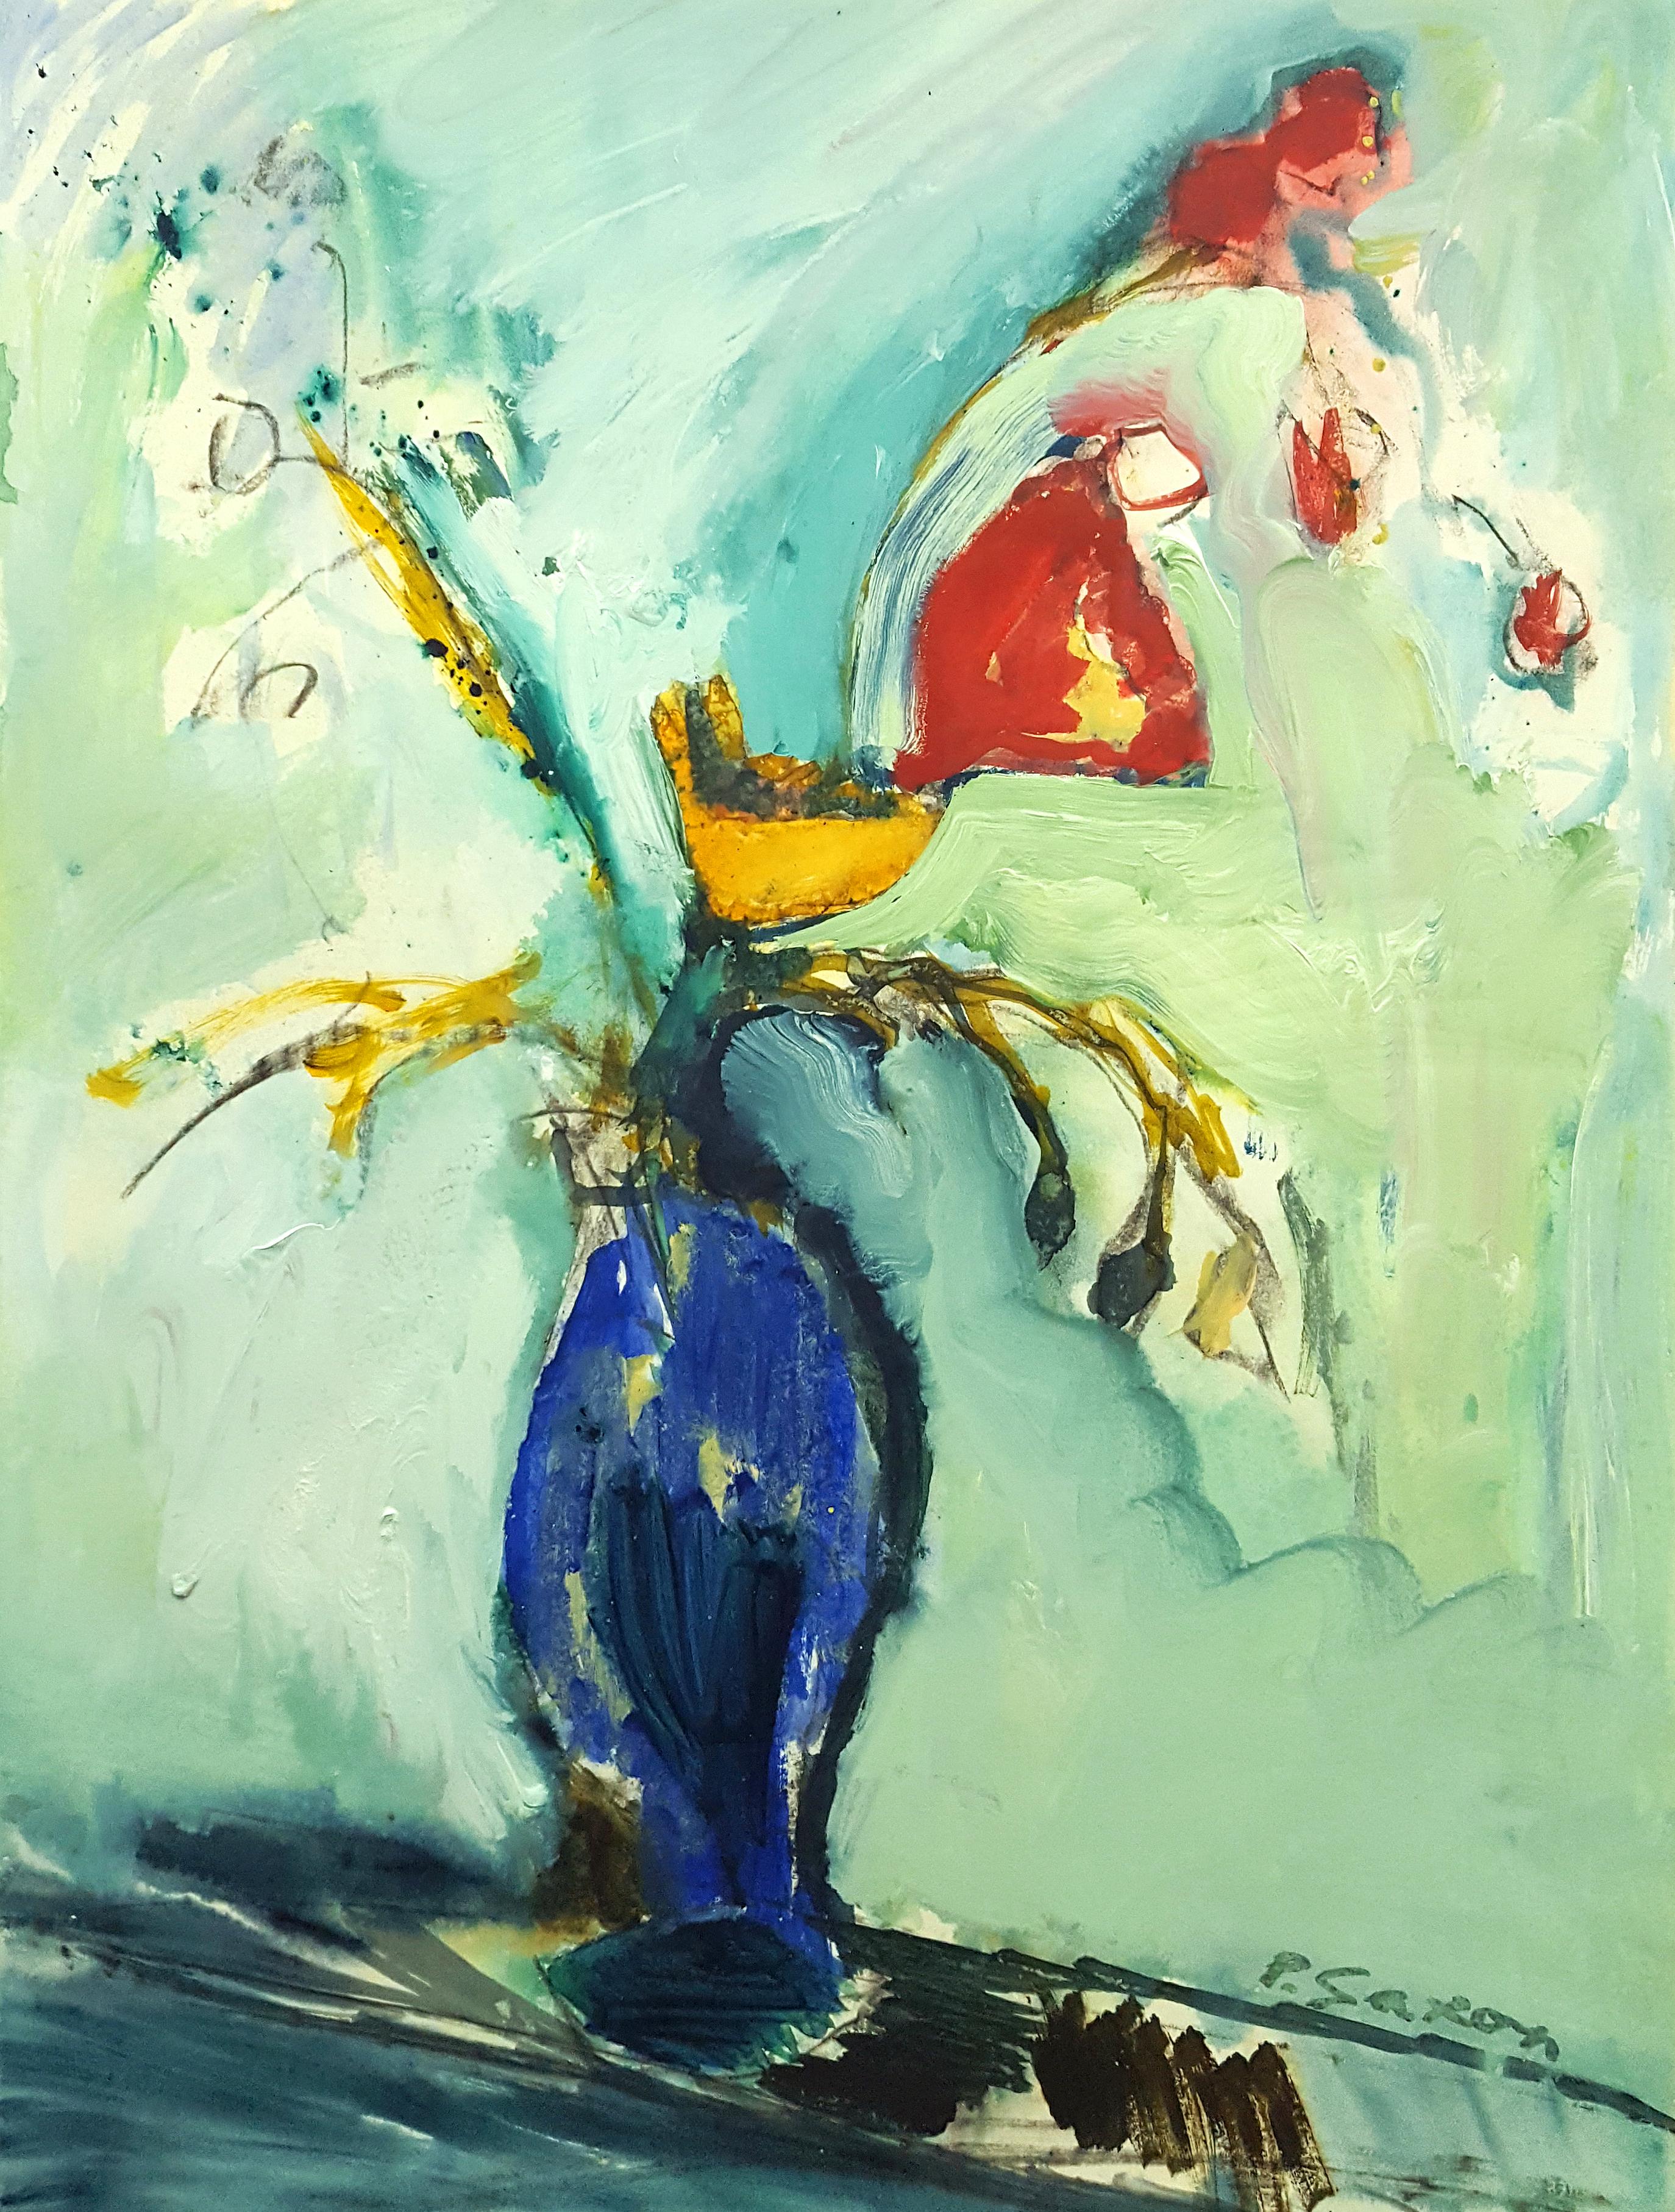 cezanne's flowers